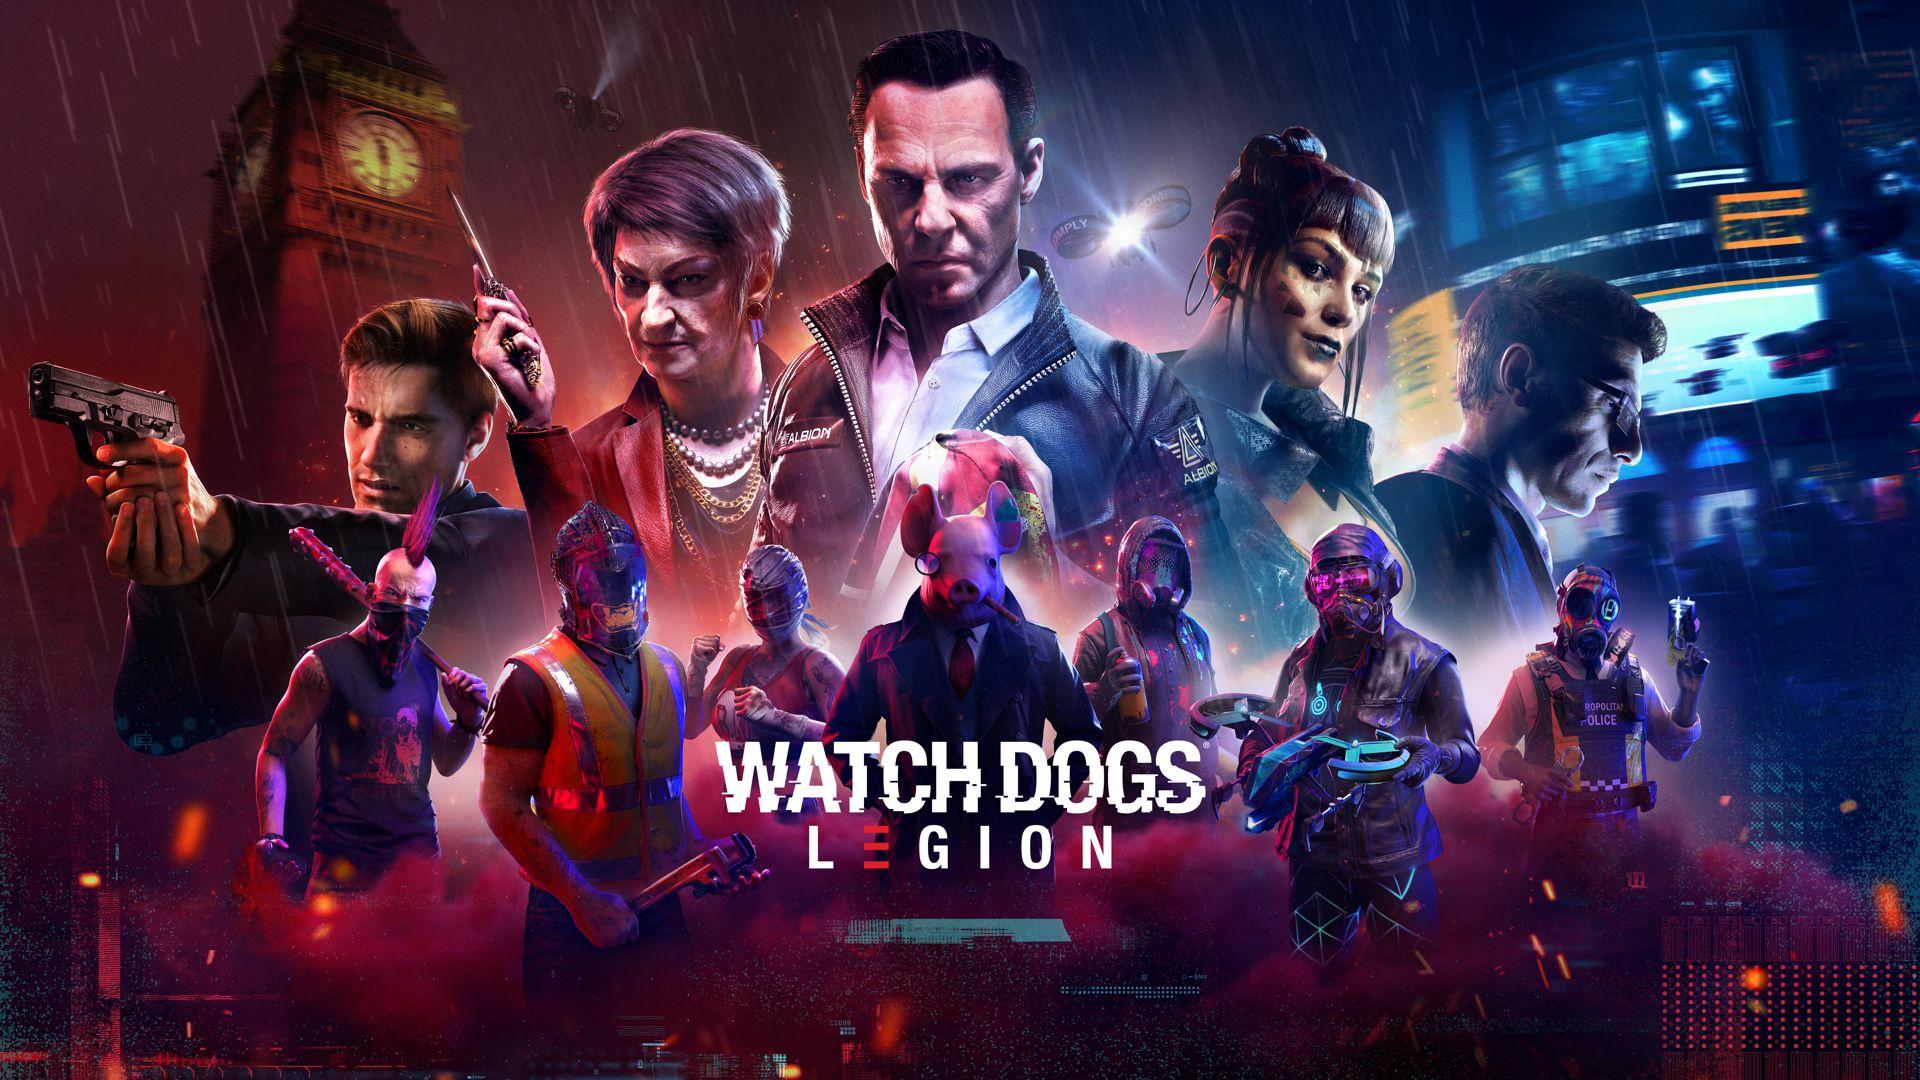 """La promoción de Watch Dogs Legion """"piratea"""" el arte de la caja de otros juegos de Ubisoft"""